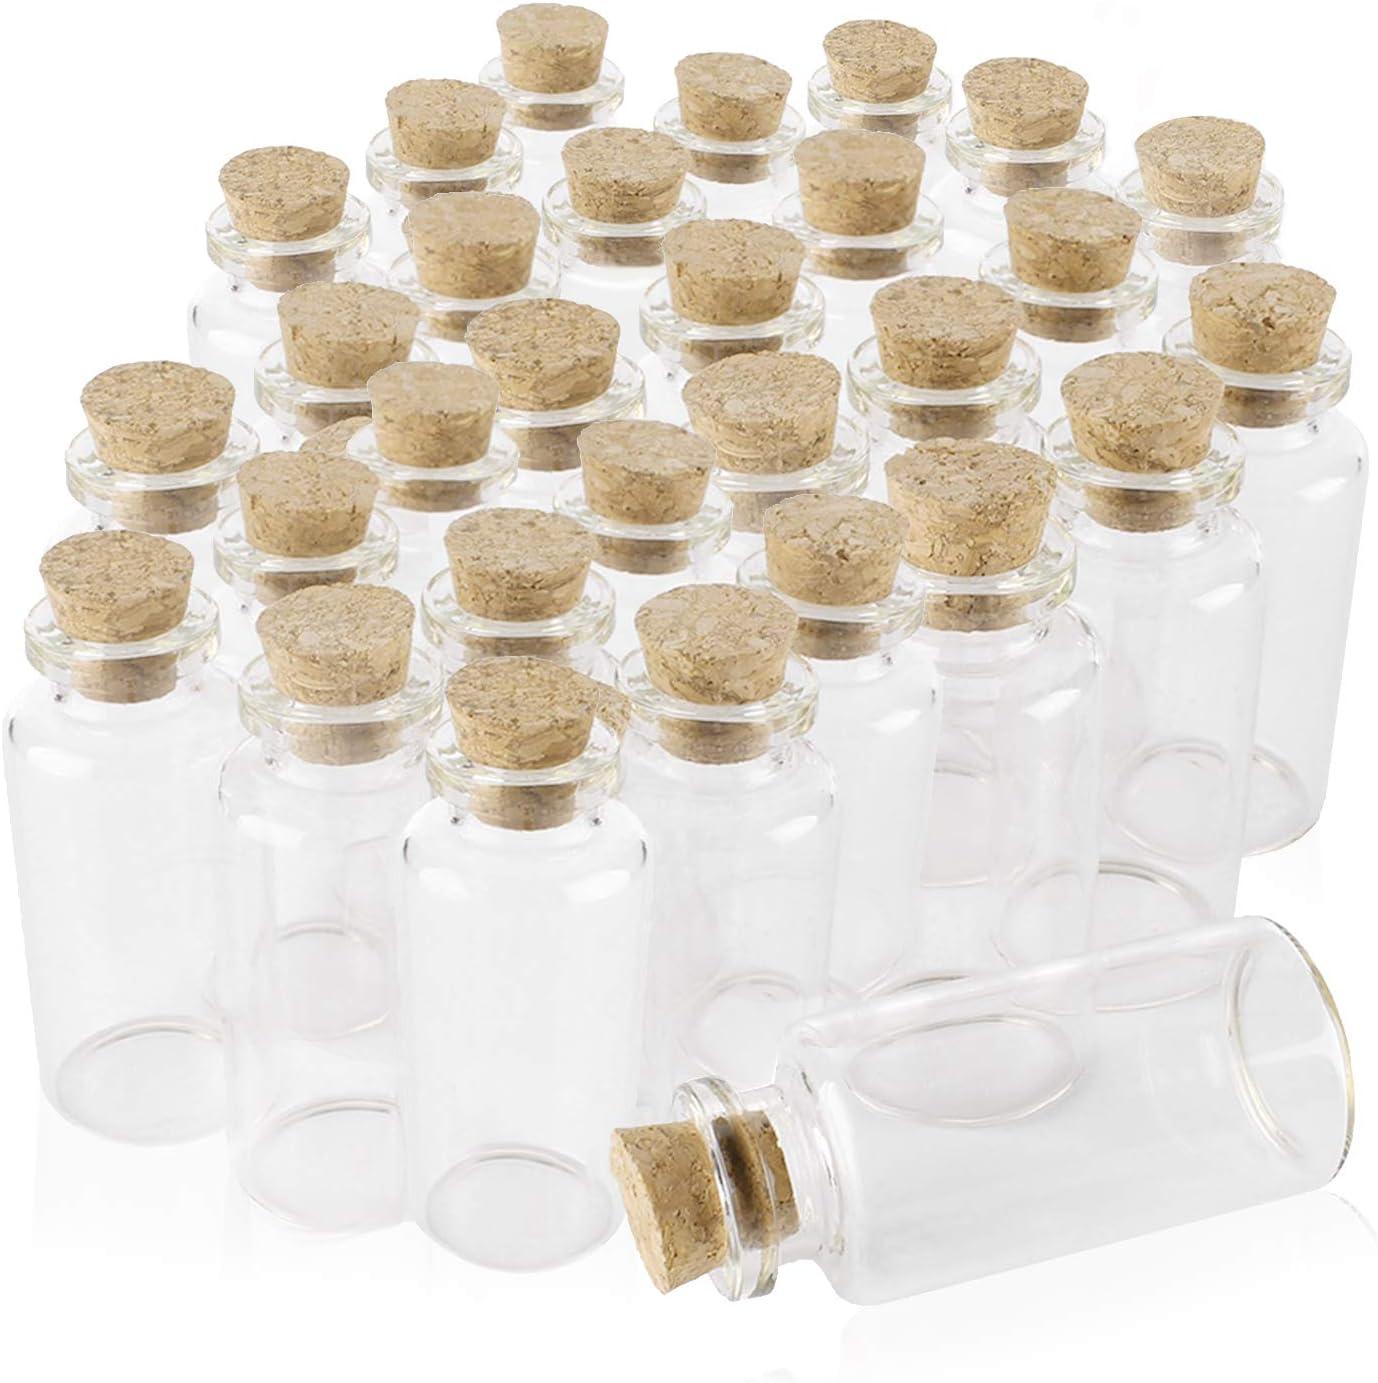 Botes de Cristal con Tapón de Corcho Mini Viales de Vidrio 10 ml Tarro de Vidrio Frascos de Muestra para Decoración de DIY,Especias, Boda, Comunión, Recuerdo de Fiesta